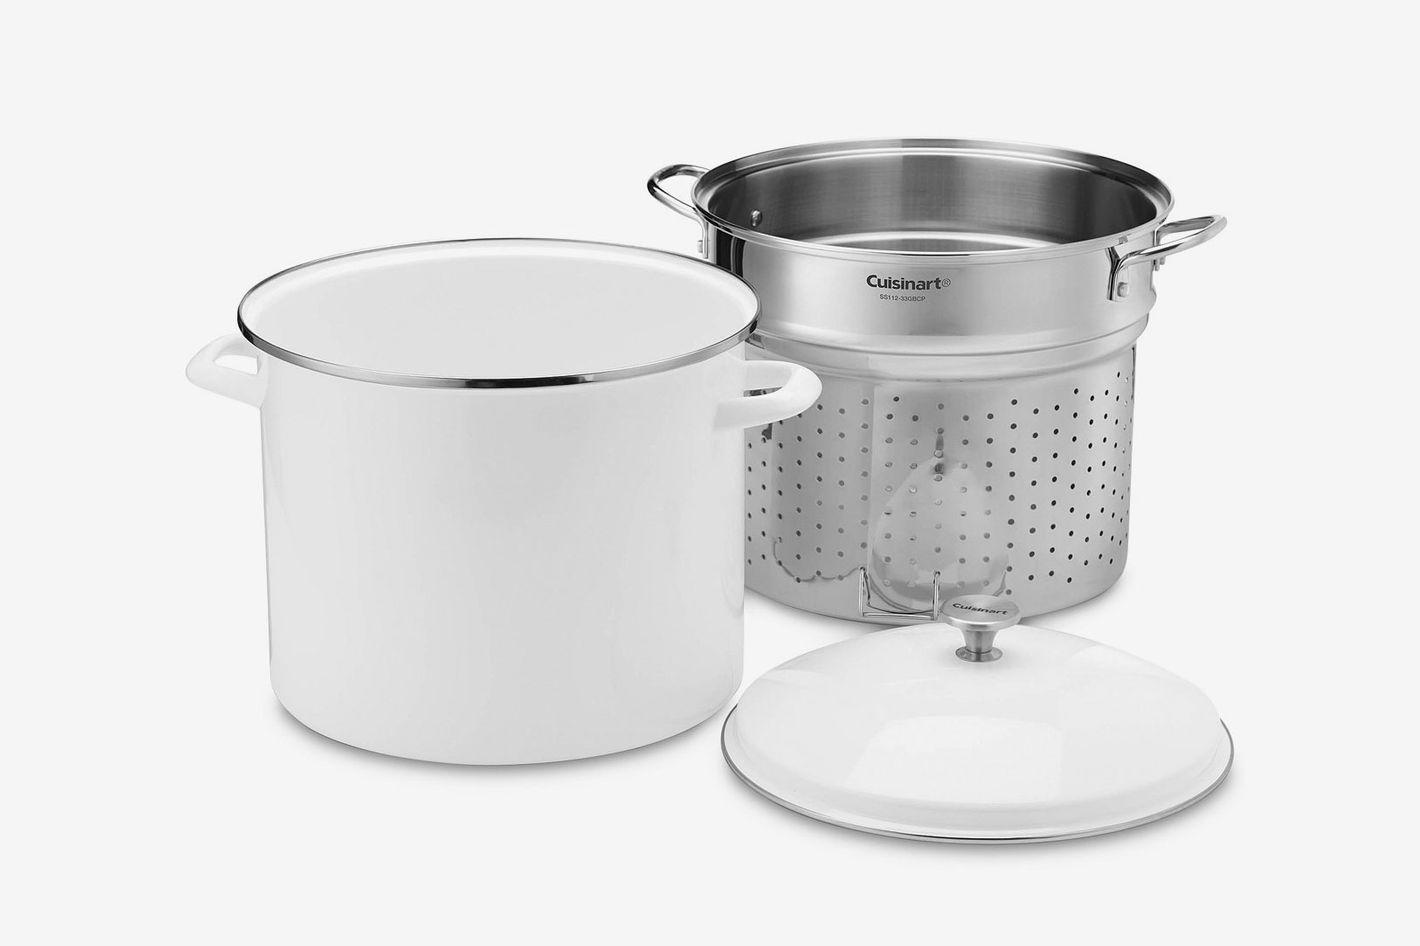 Cuisinart 20-Qt Stockpot Steaming Set